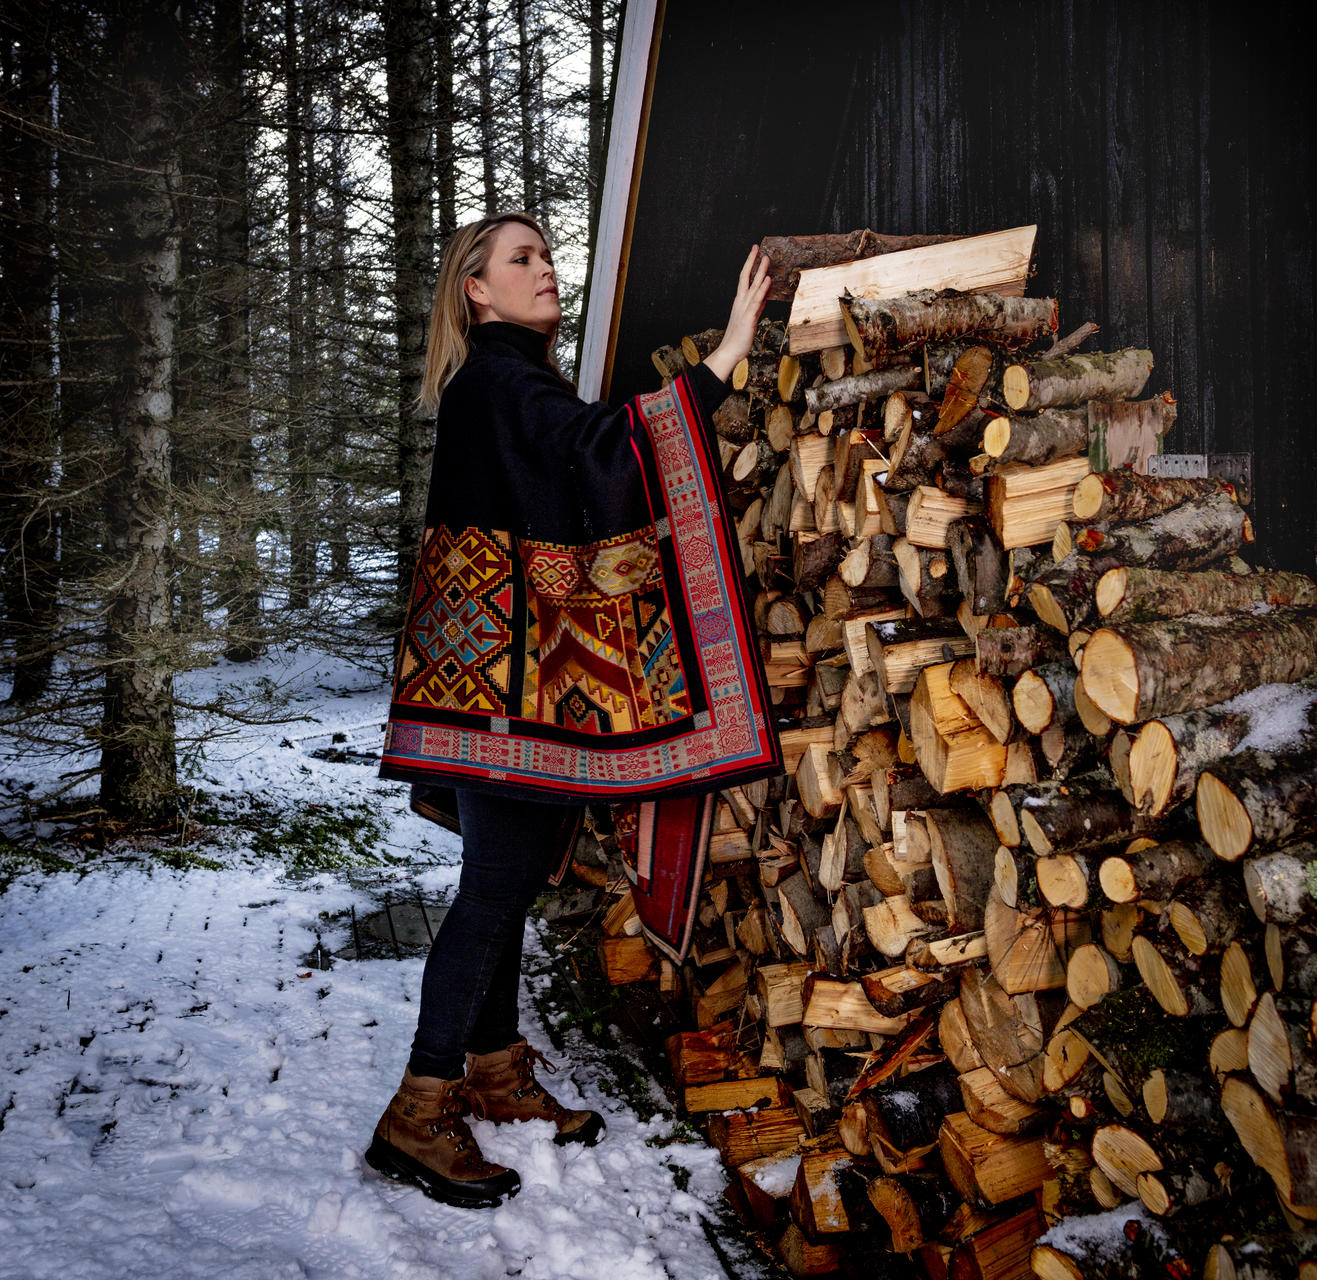 Helga Gerður starfar sem grafískur hönnuður og hefur starfað við …